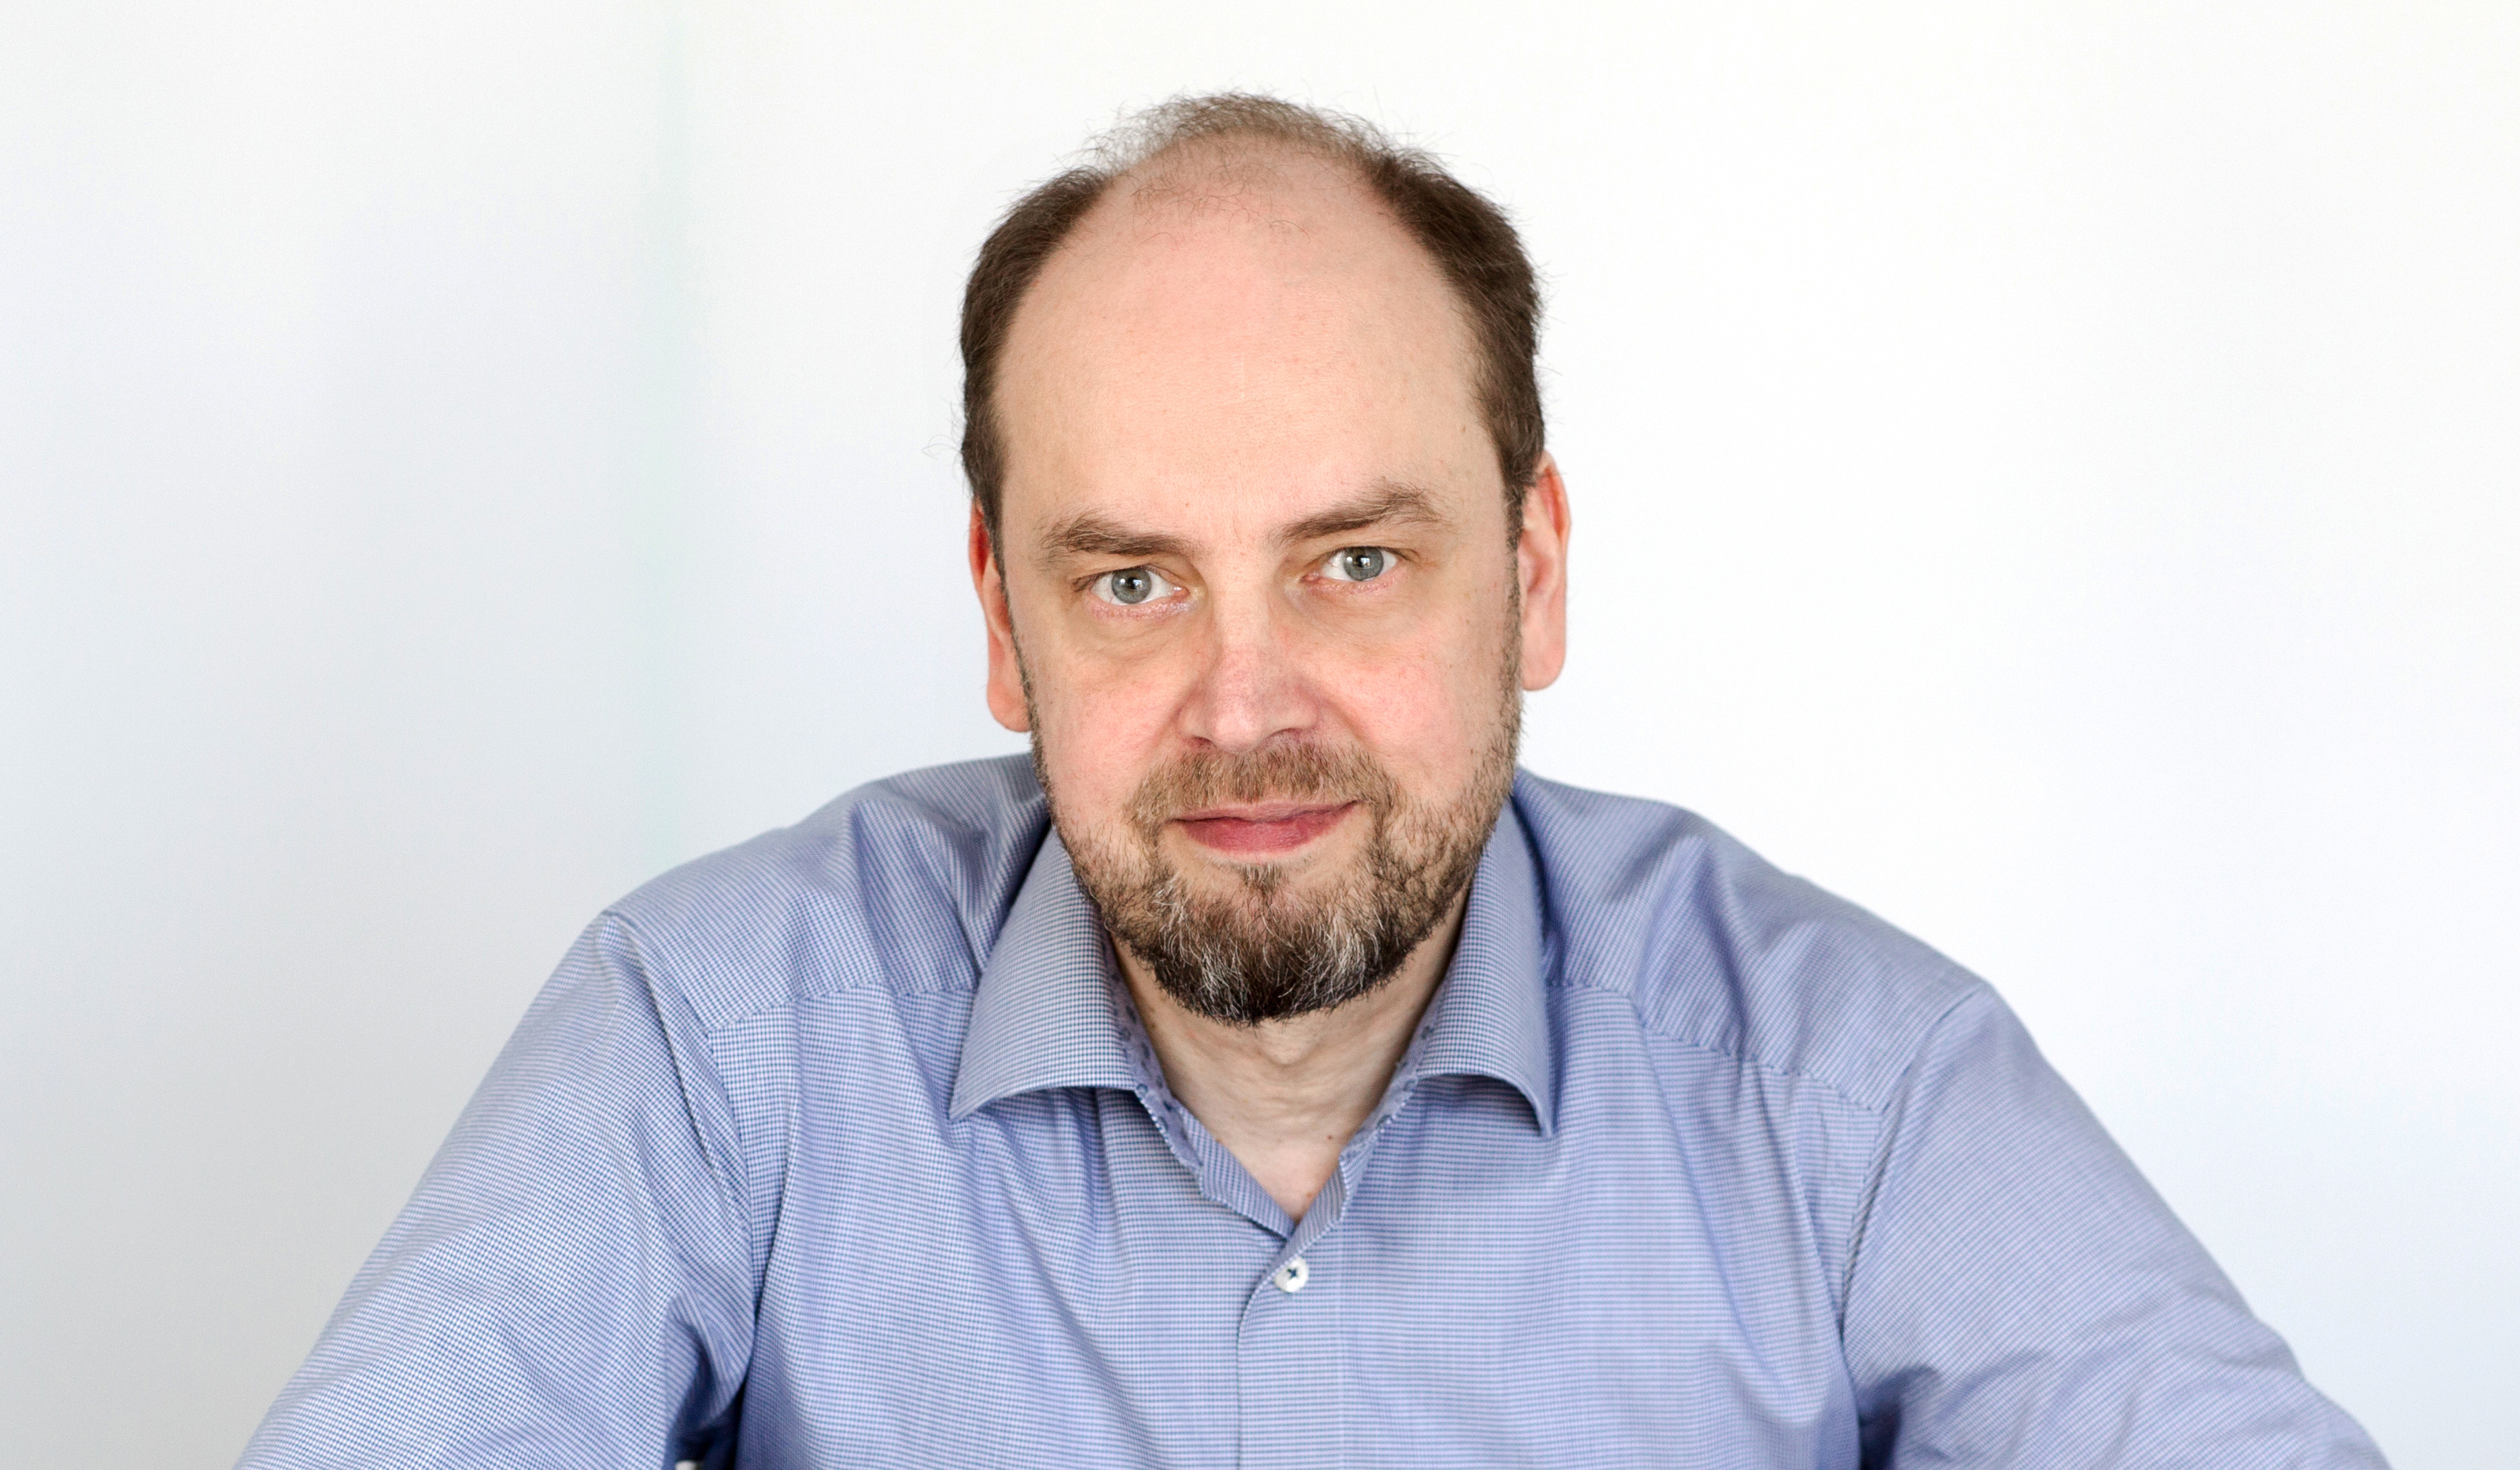 Östen Wahlbeck